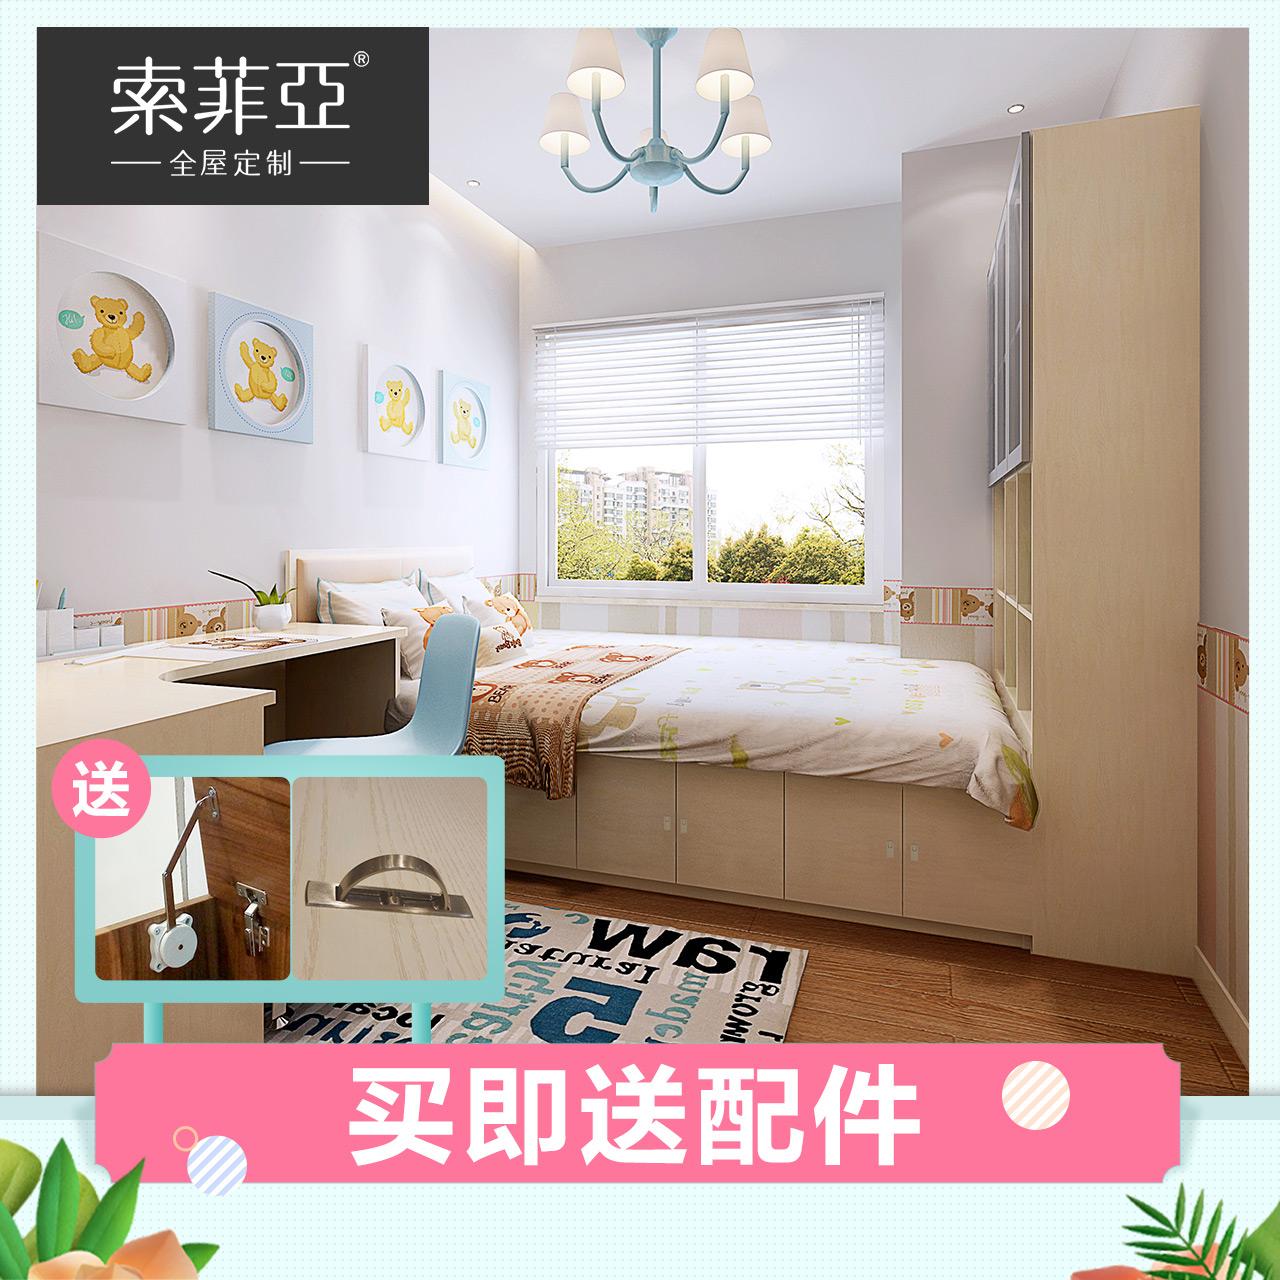 索菲亚榻榻米定制踏踏床地垫子家用整体卧室塌塌米现代简约风订做